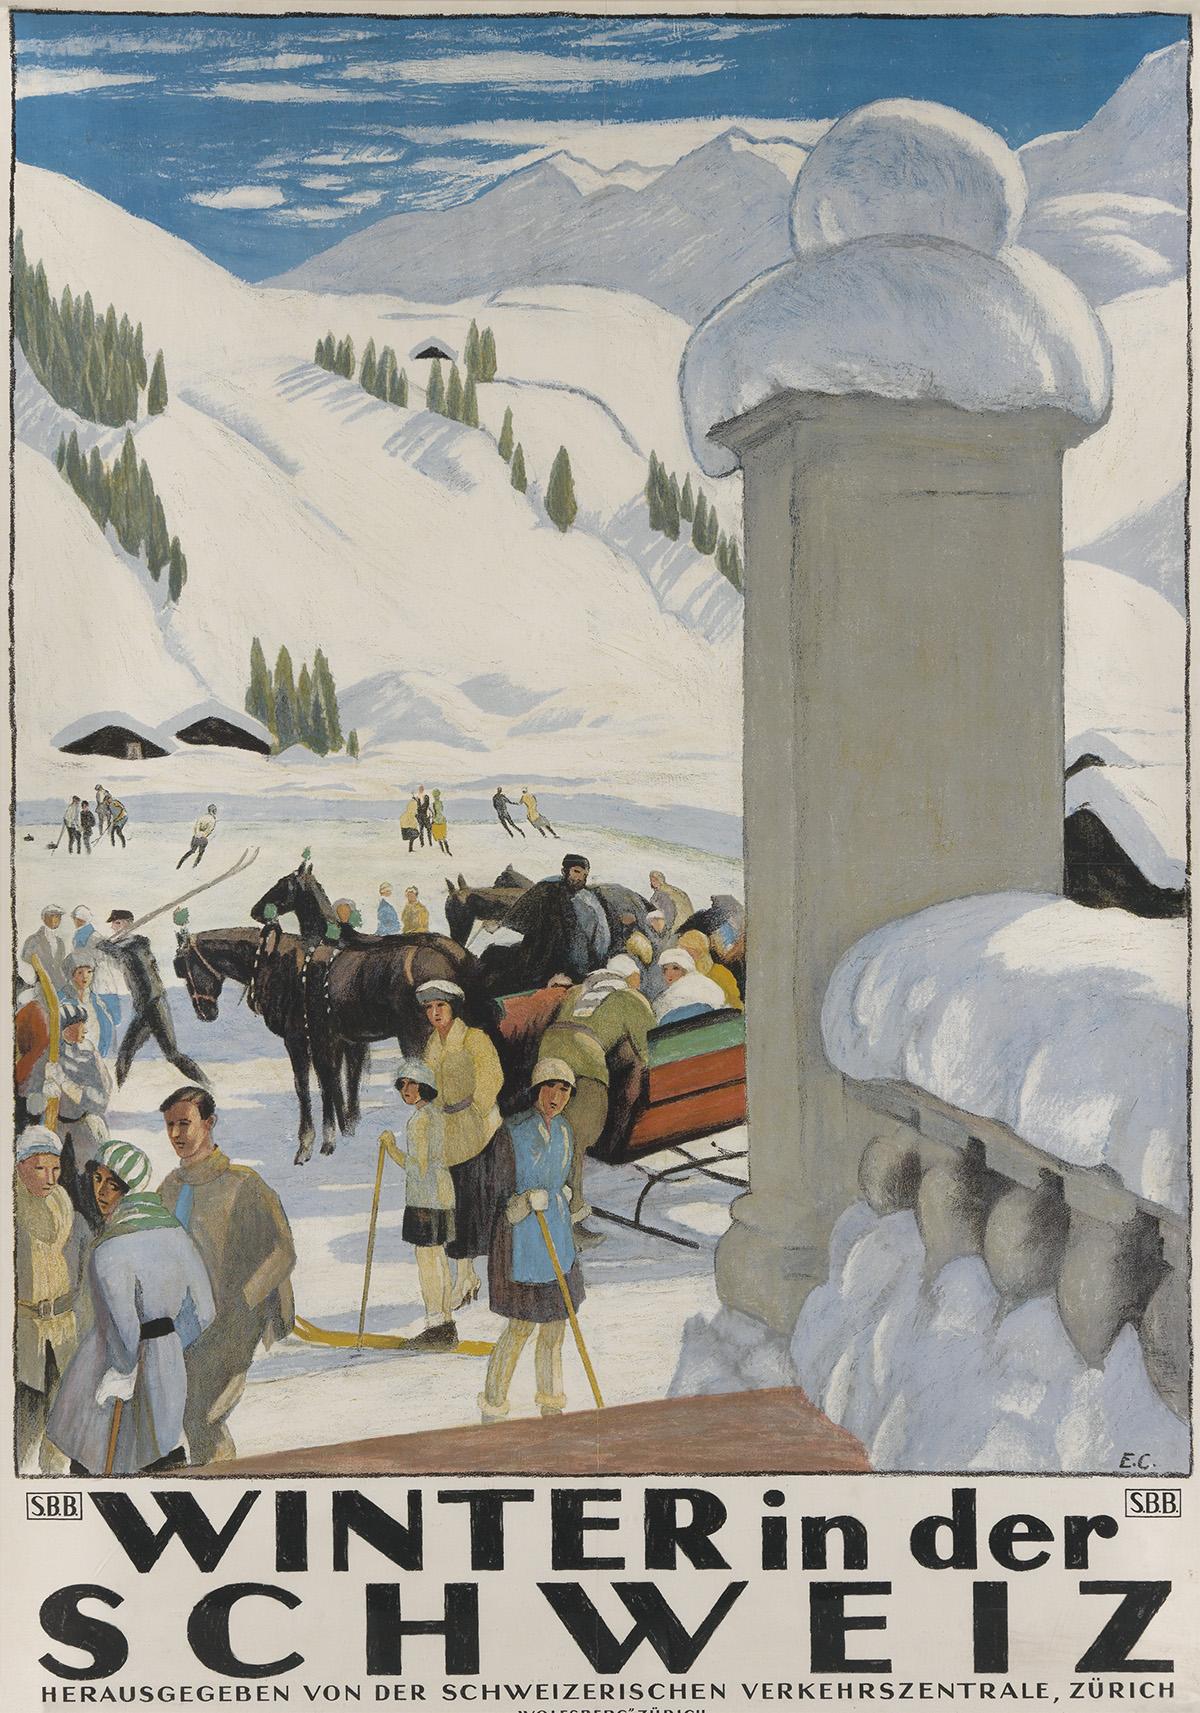 EMIL-CARDINAUX-(1877-1936)-WINTER-IN-DER-SCHWEIZ-1921-50x35-inches-127x89-cm-Wolfsberg-Zurich